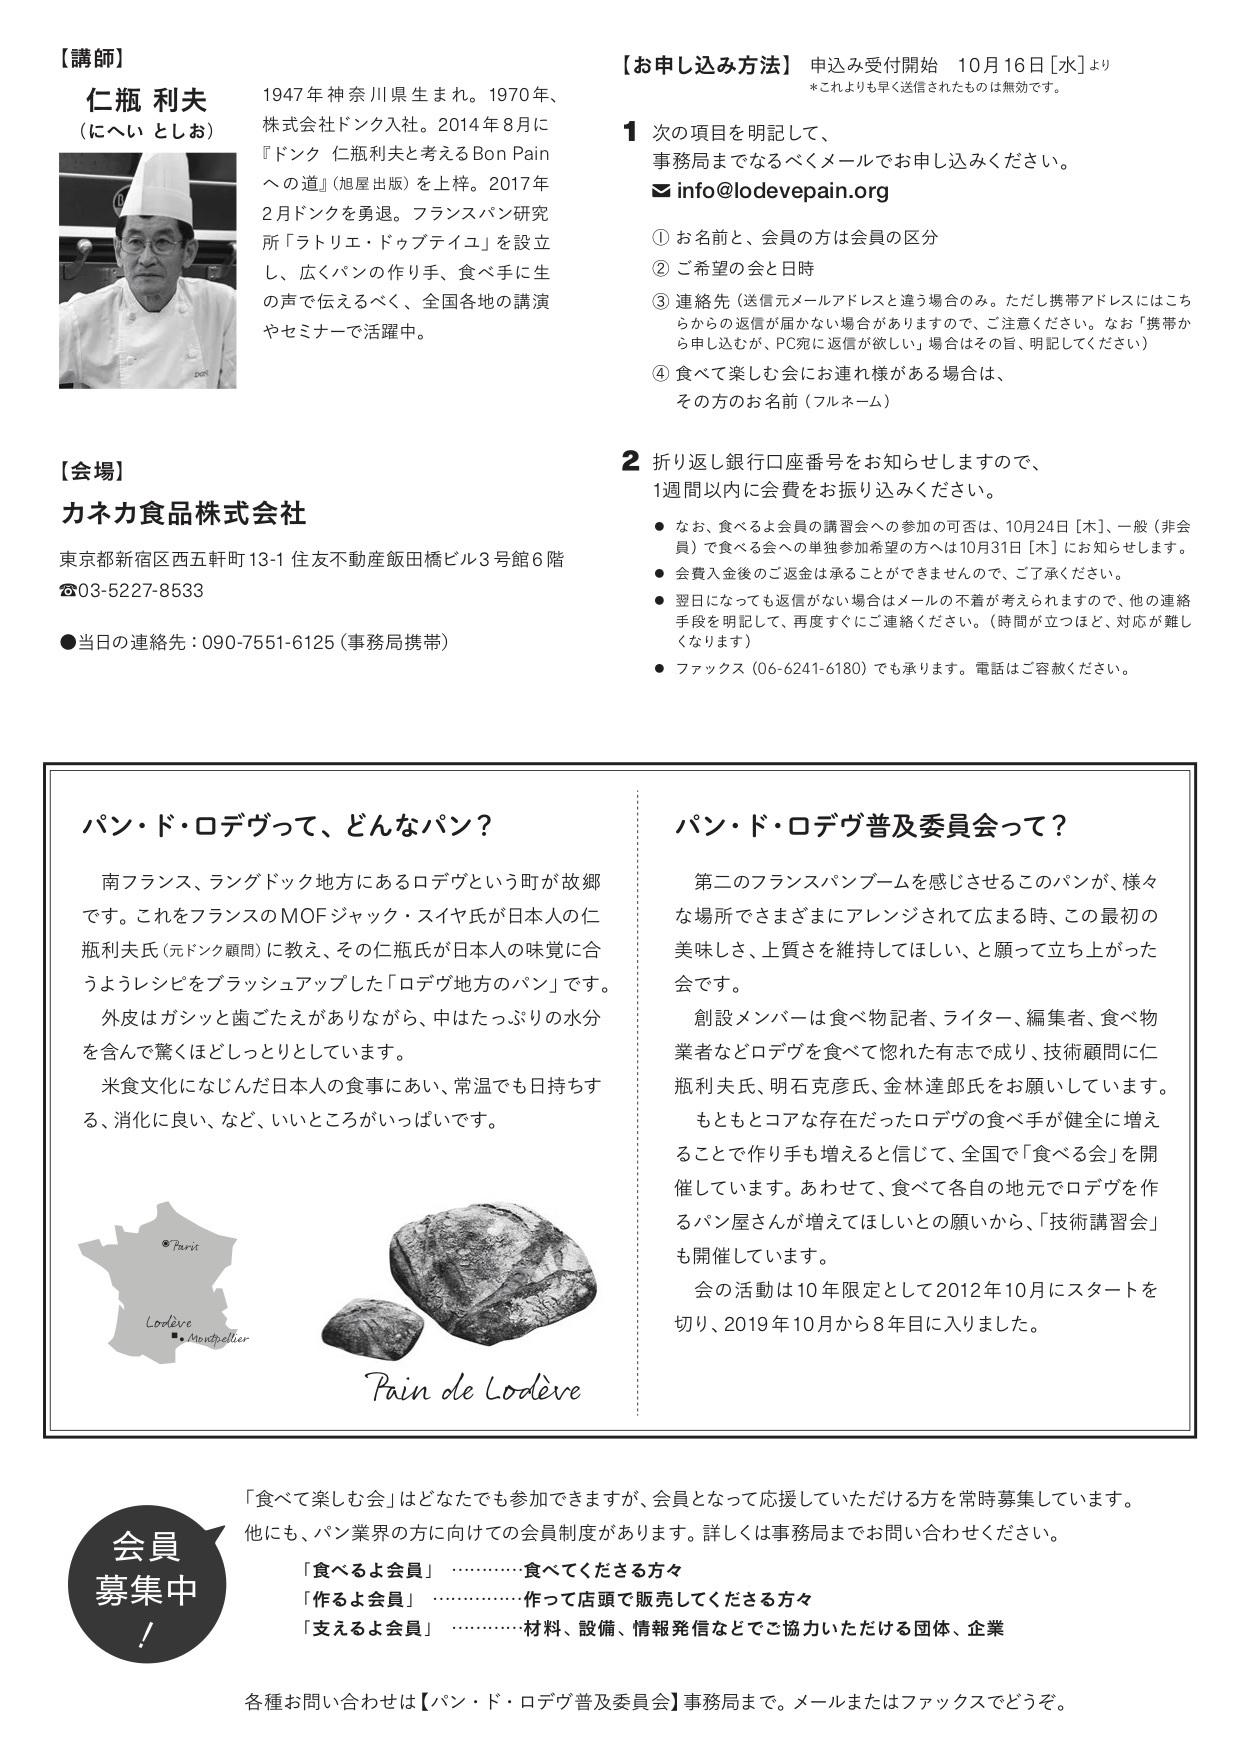 食べて楽しむ会@ベッカライ徳多朗_f0246836_14154479.jpg